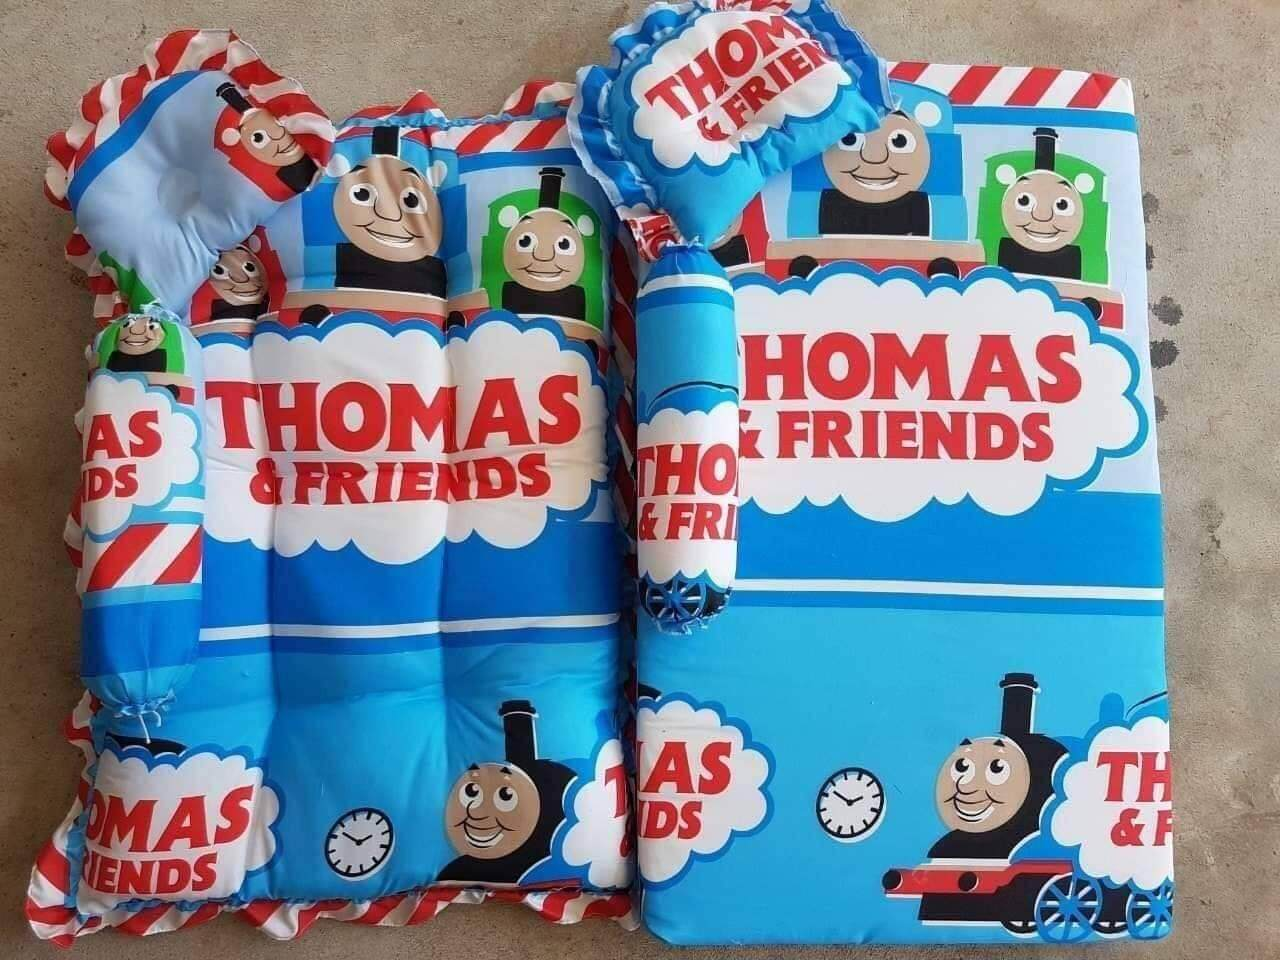 ขายดีมาก! (พร้อมส่ง Kerry) เบาะรองนอน ที่นอนเด็กแรกเกิด สีสันสดใส น้ำหนักเบา 1 ชุดมี 3 ชิ้น หมอน+หมอนข้าง+ที่นอน Tomas Friends